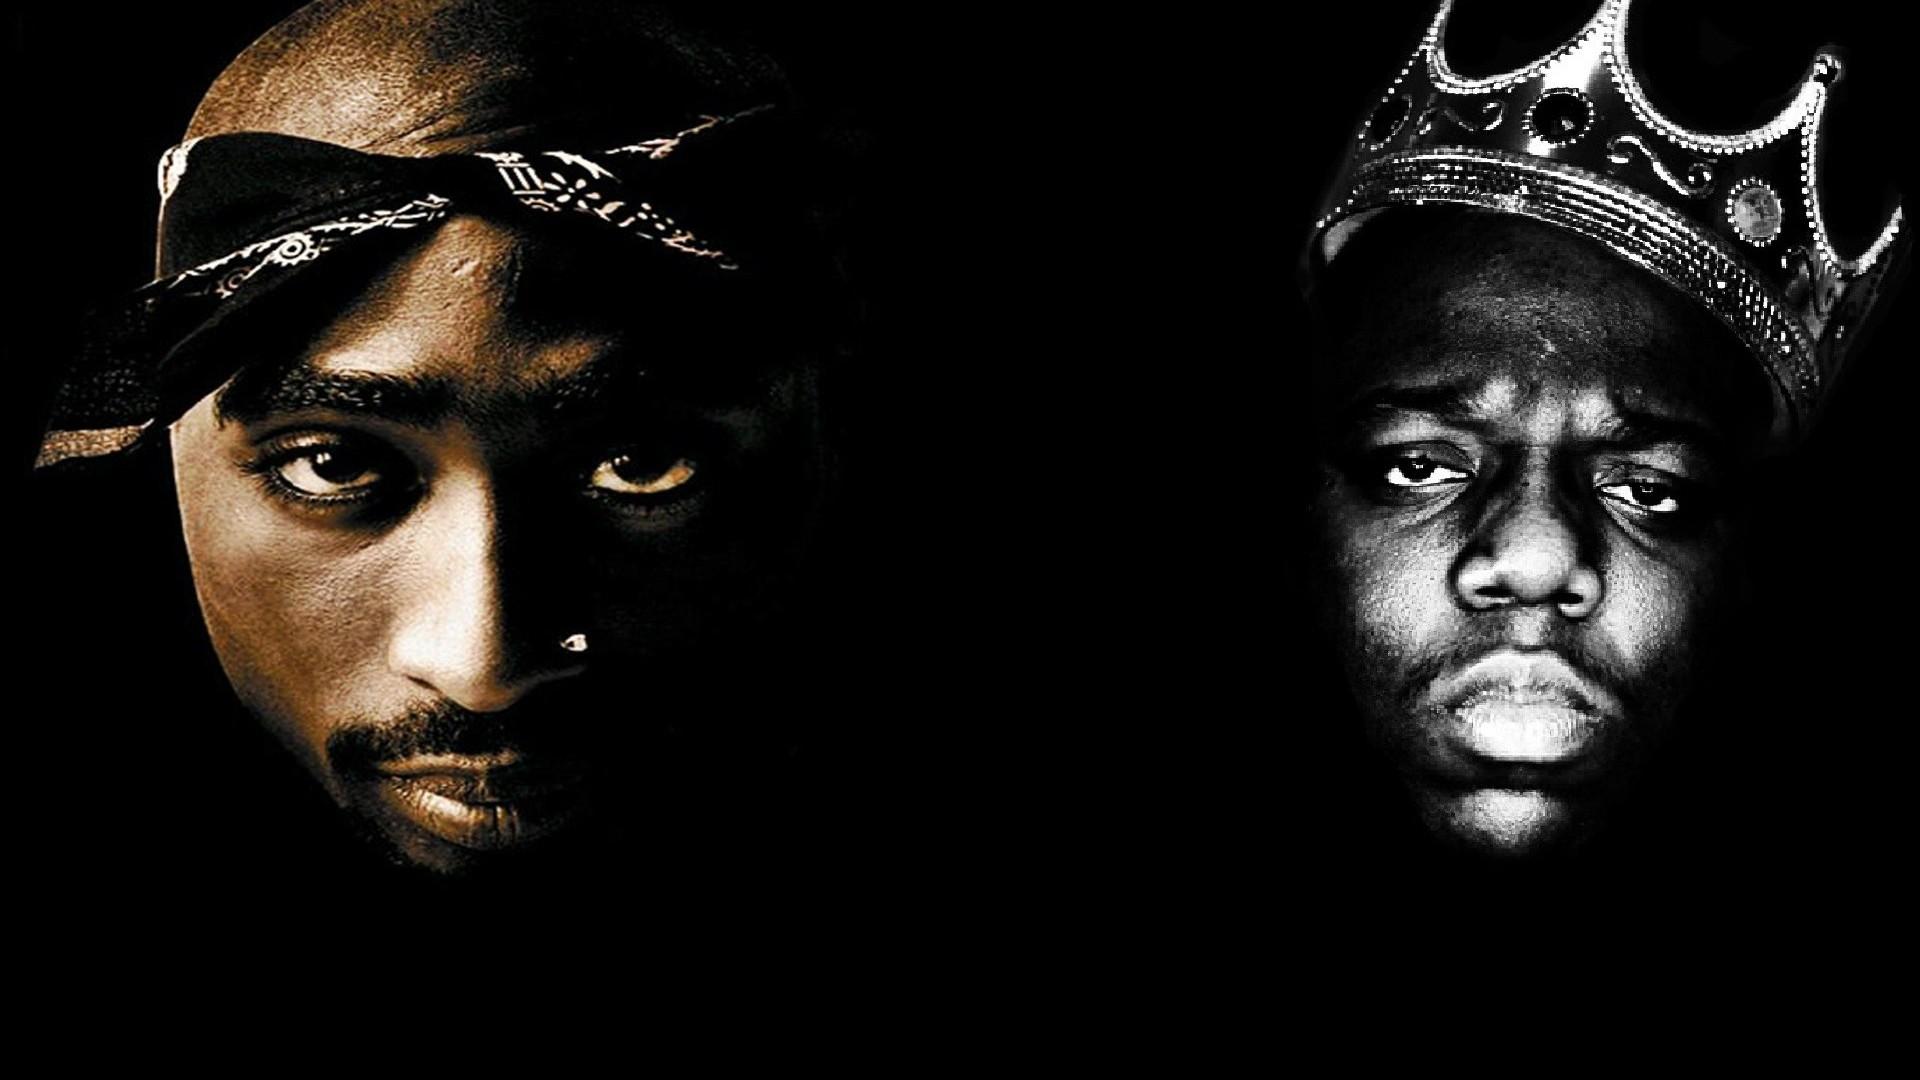 TUPAC BIGGIE SMALLS gangsta rapper rap hip hop f wallpaper 1920x1080 1920x1080